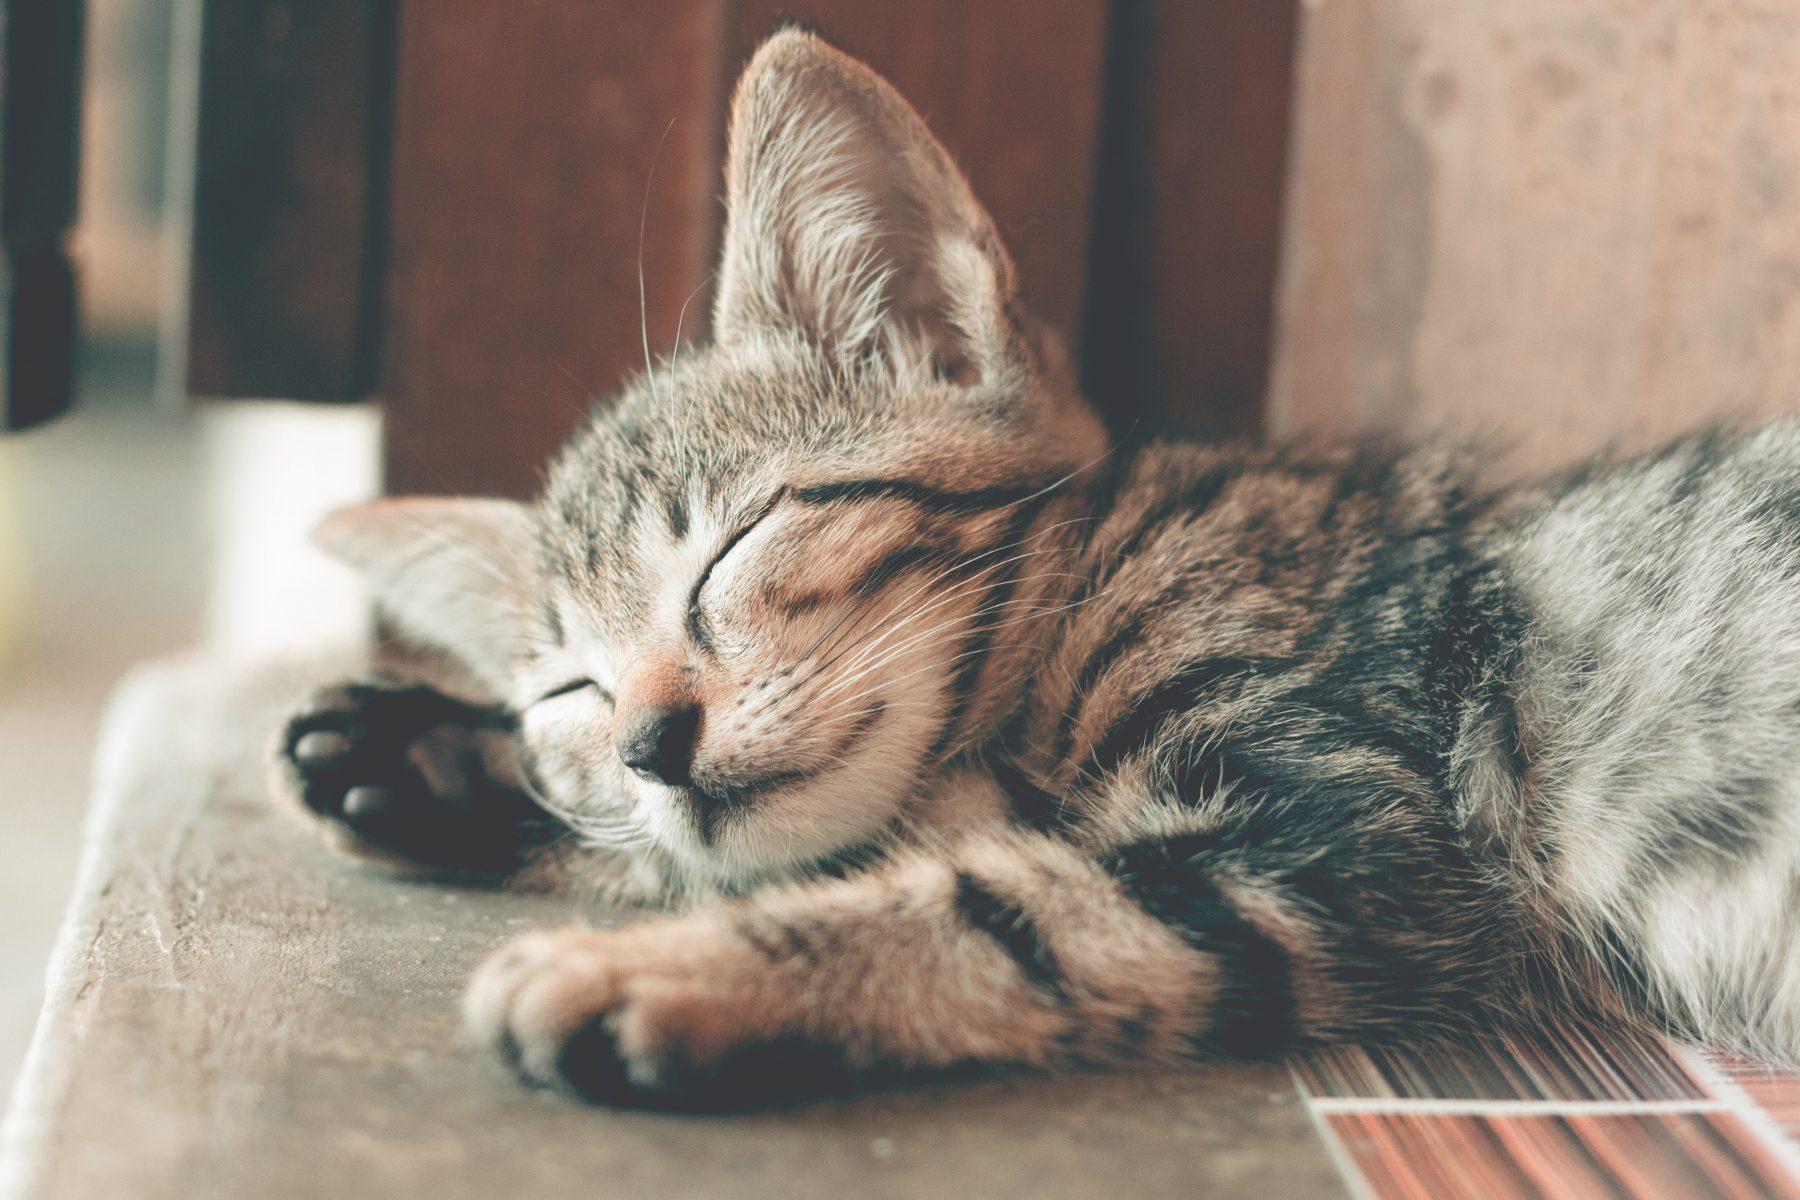 Tabby kitten asleep